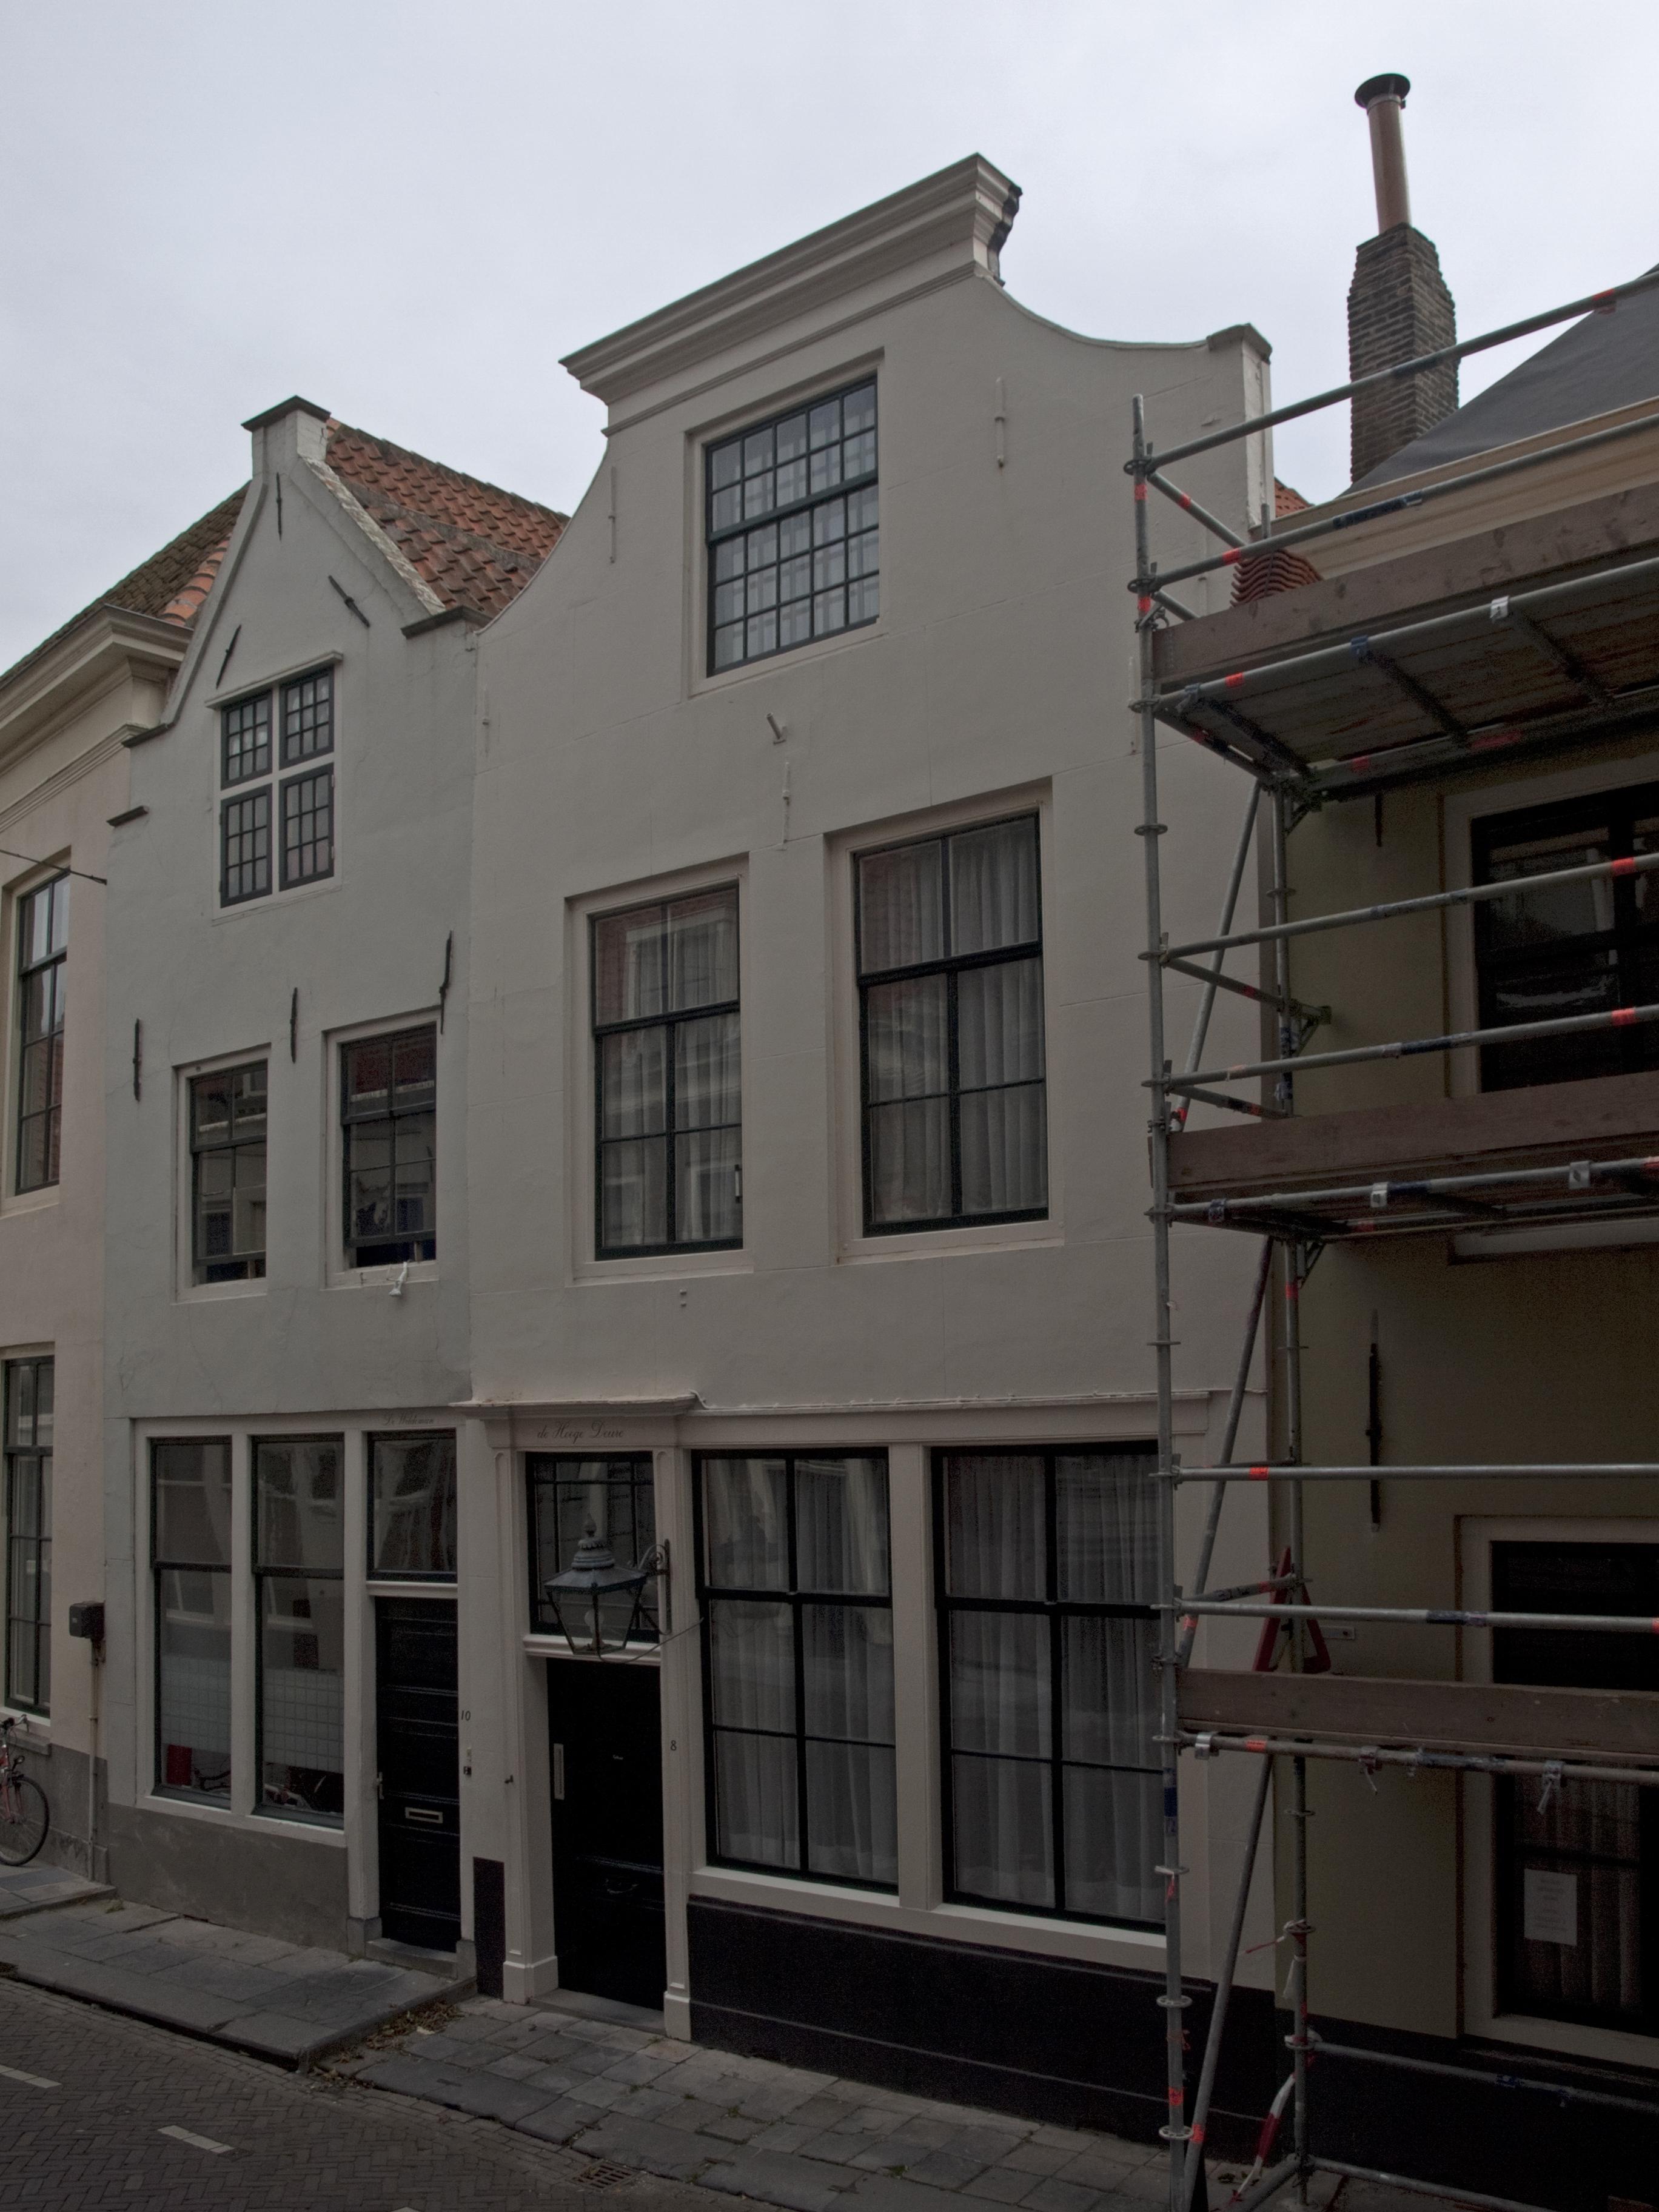 Huis met gepleisterde met lijst afgesloten topgevel in for Lijst inrichting huis